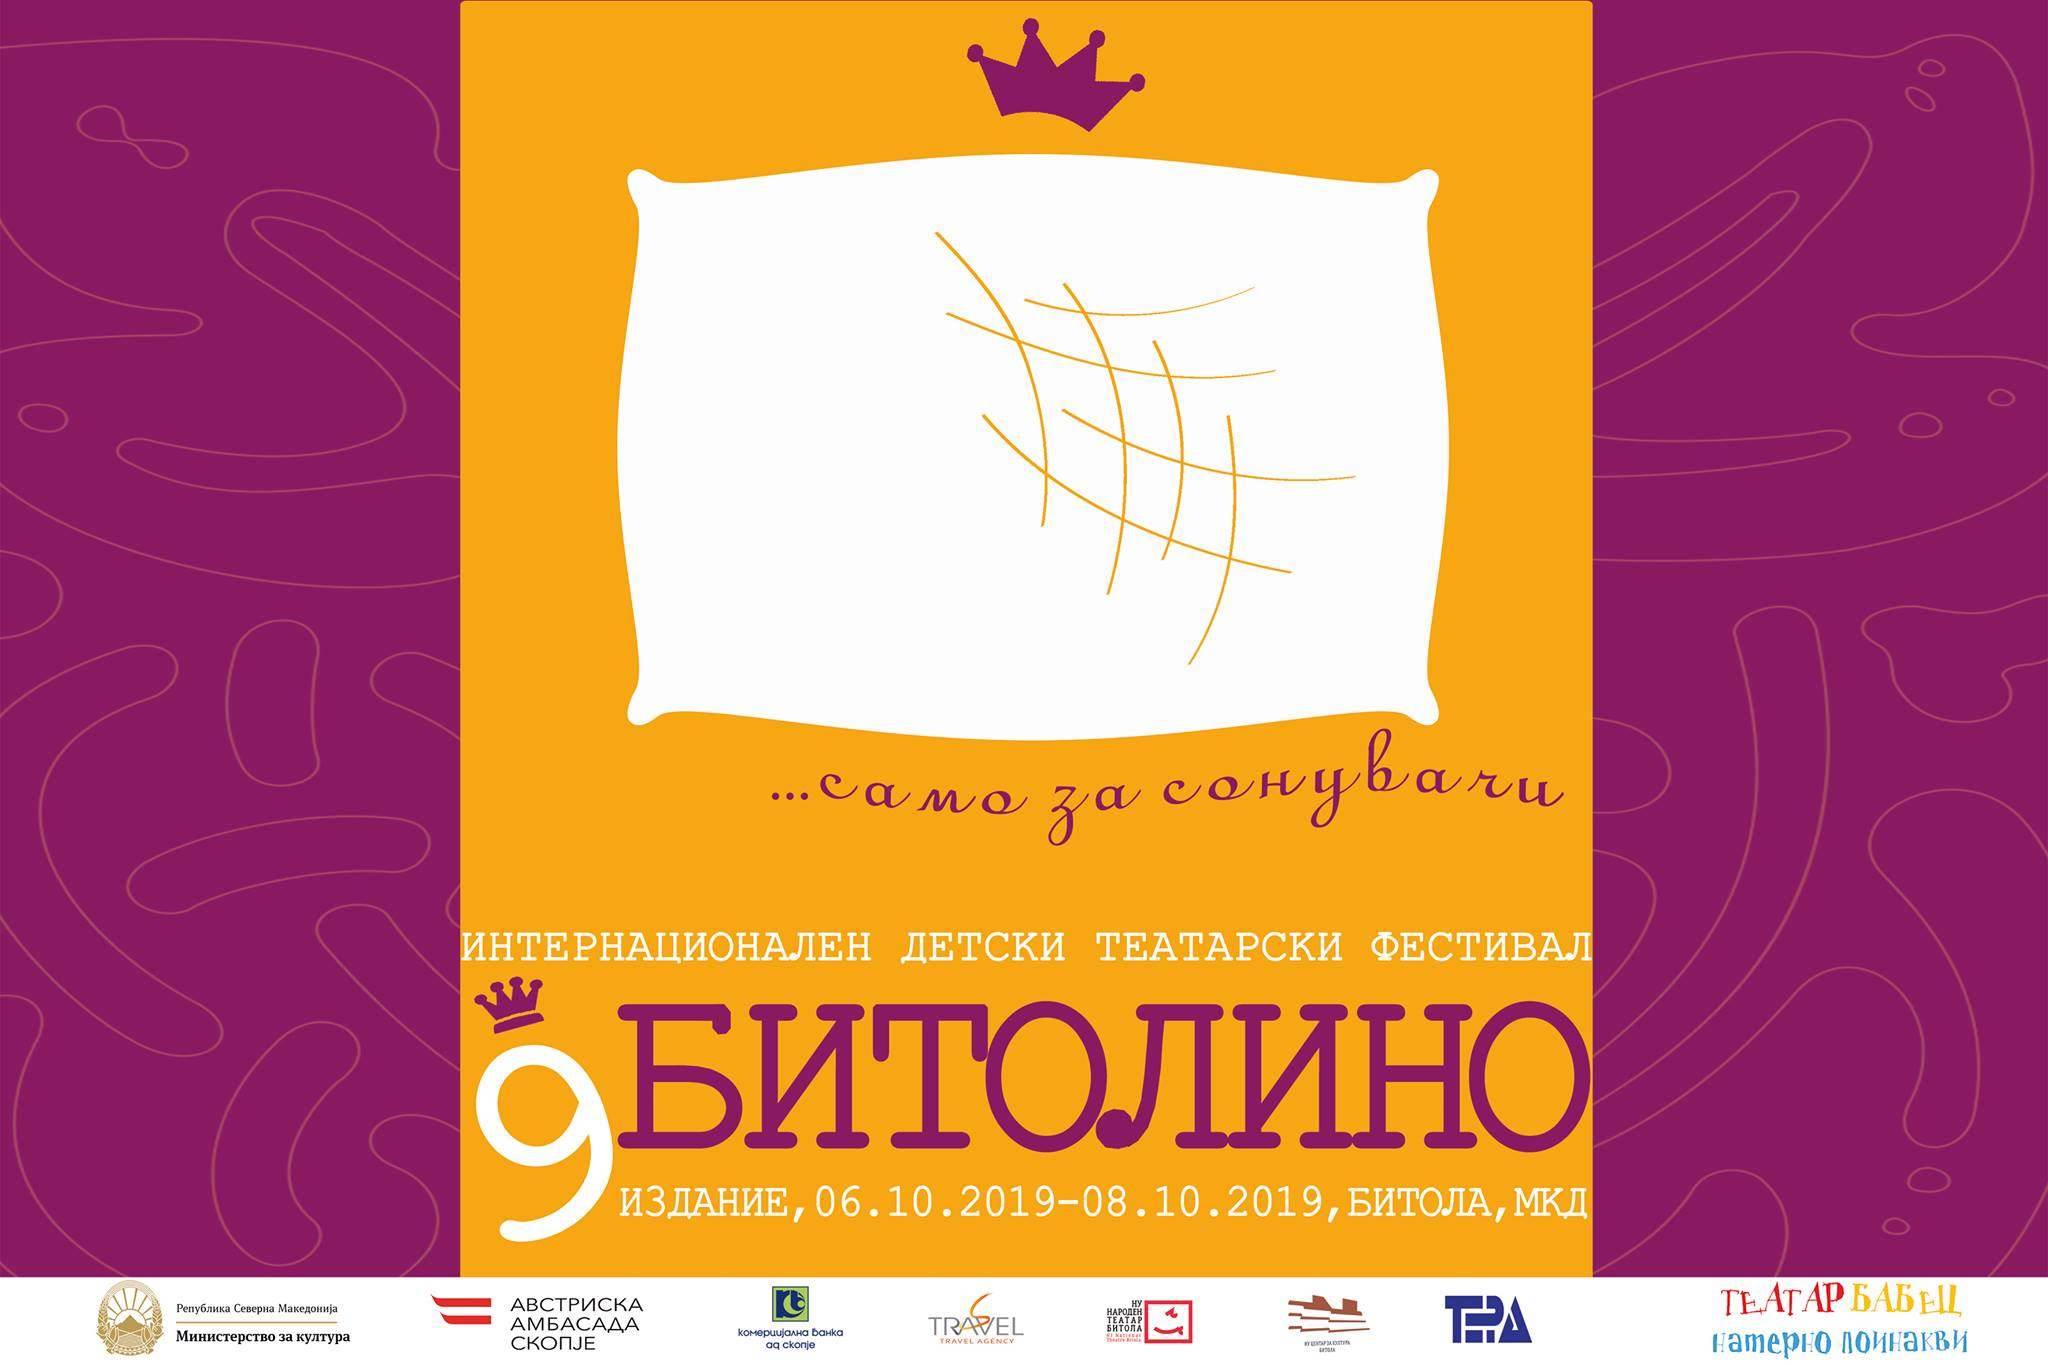 """Започнува 9то издание на Интернационалниот детски театарски фестивал """"Битолино"""""""